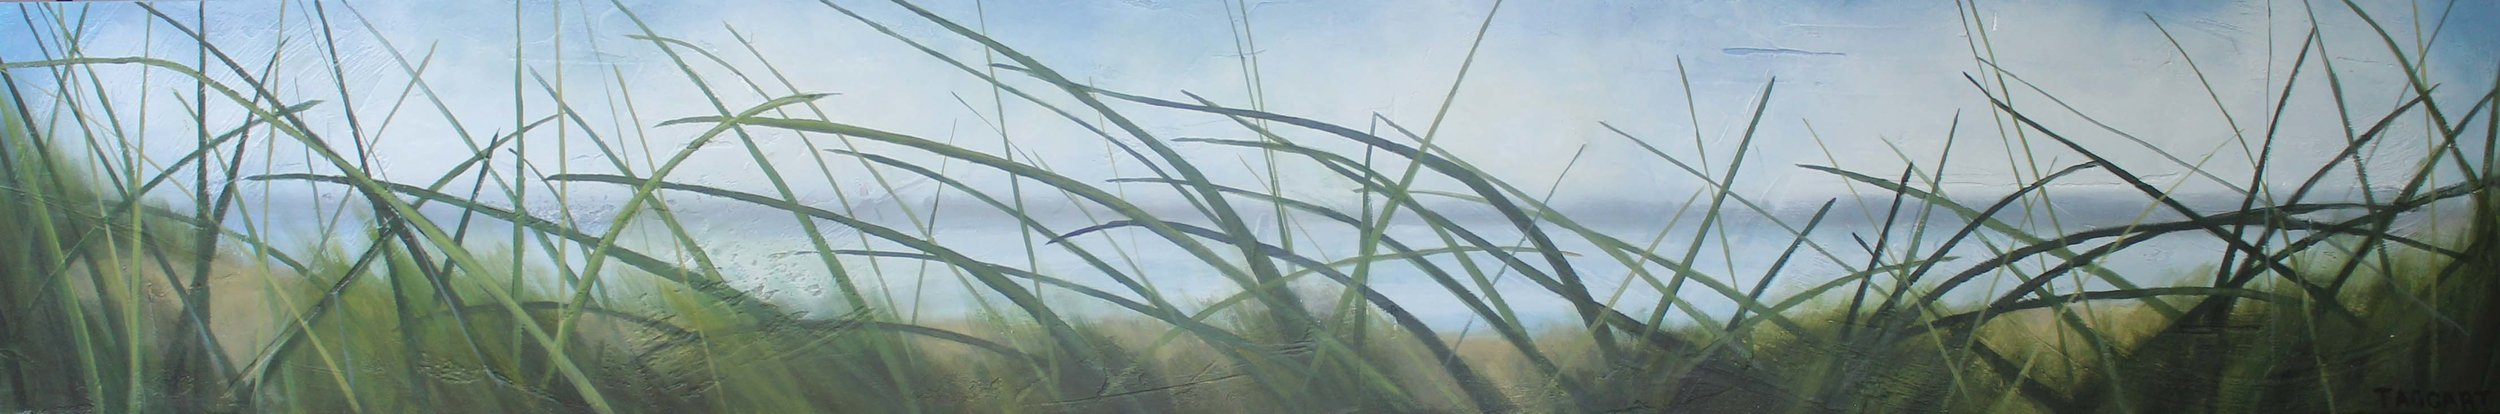 Seagrass #20